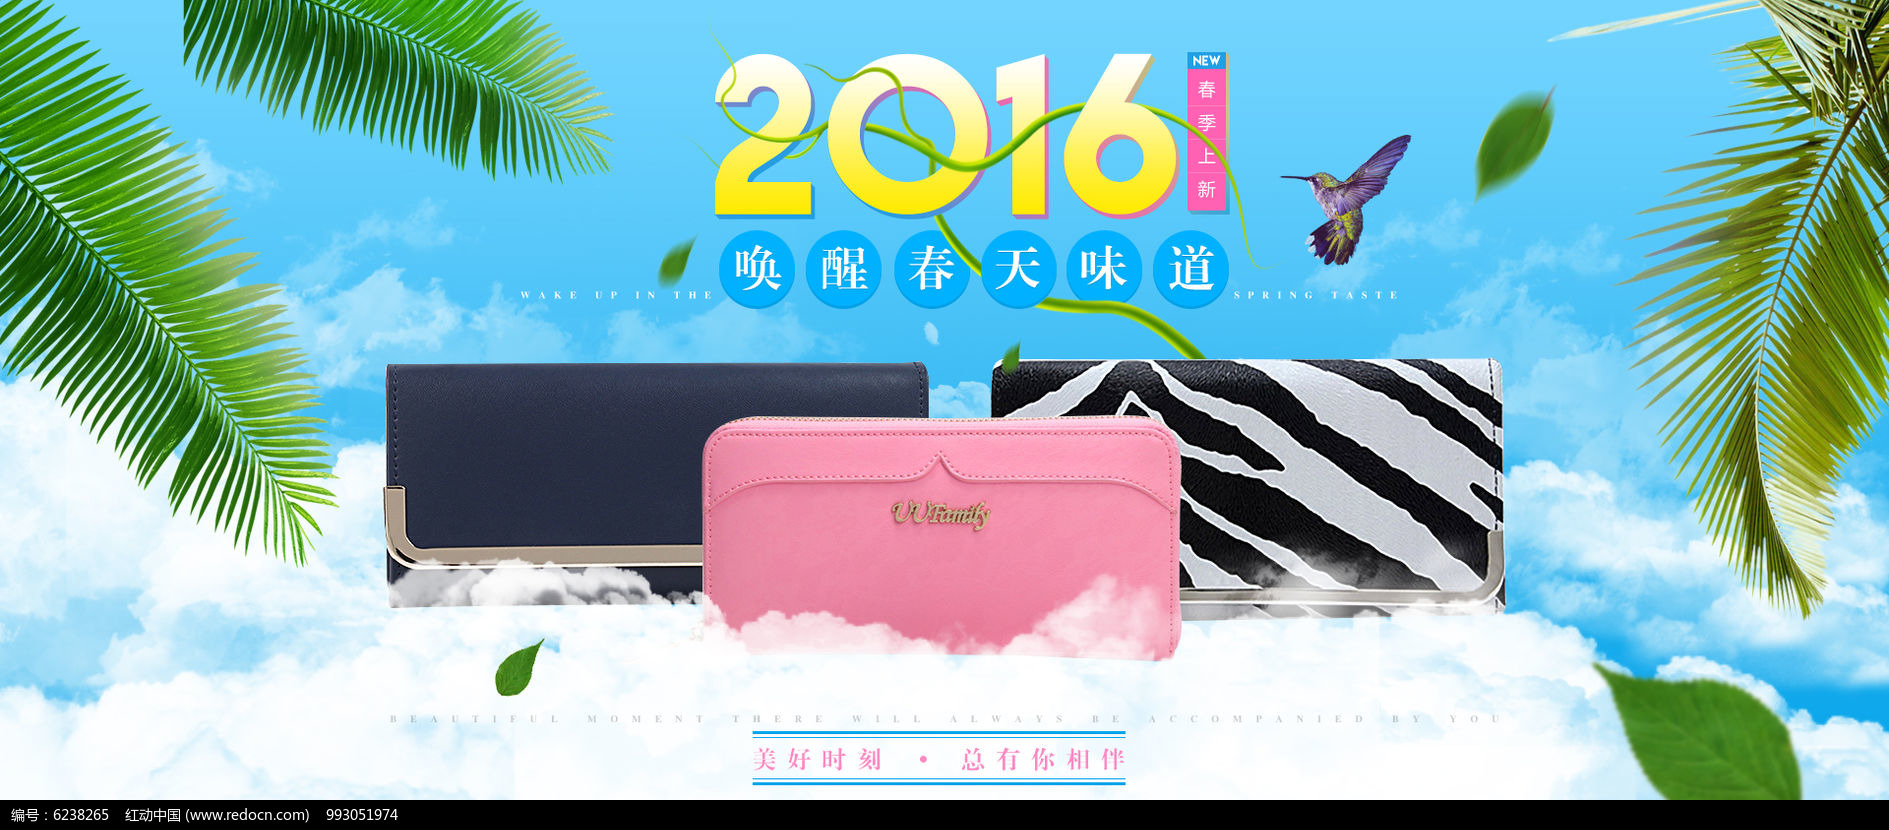 春季淘宝女包海报设计PSD素材下载_淘宝设计25字体促销图片